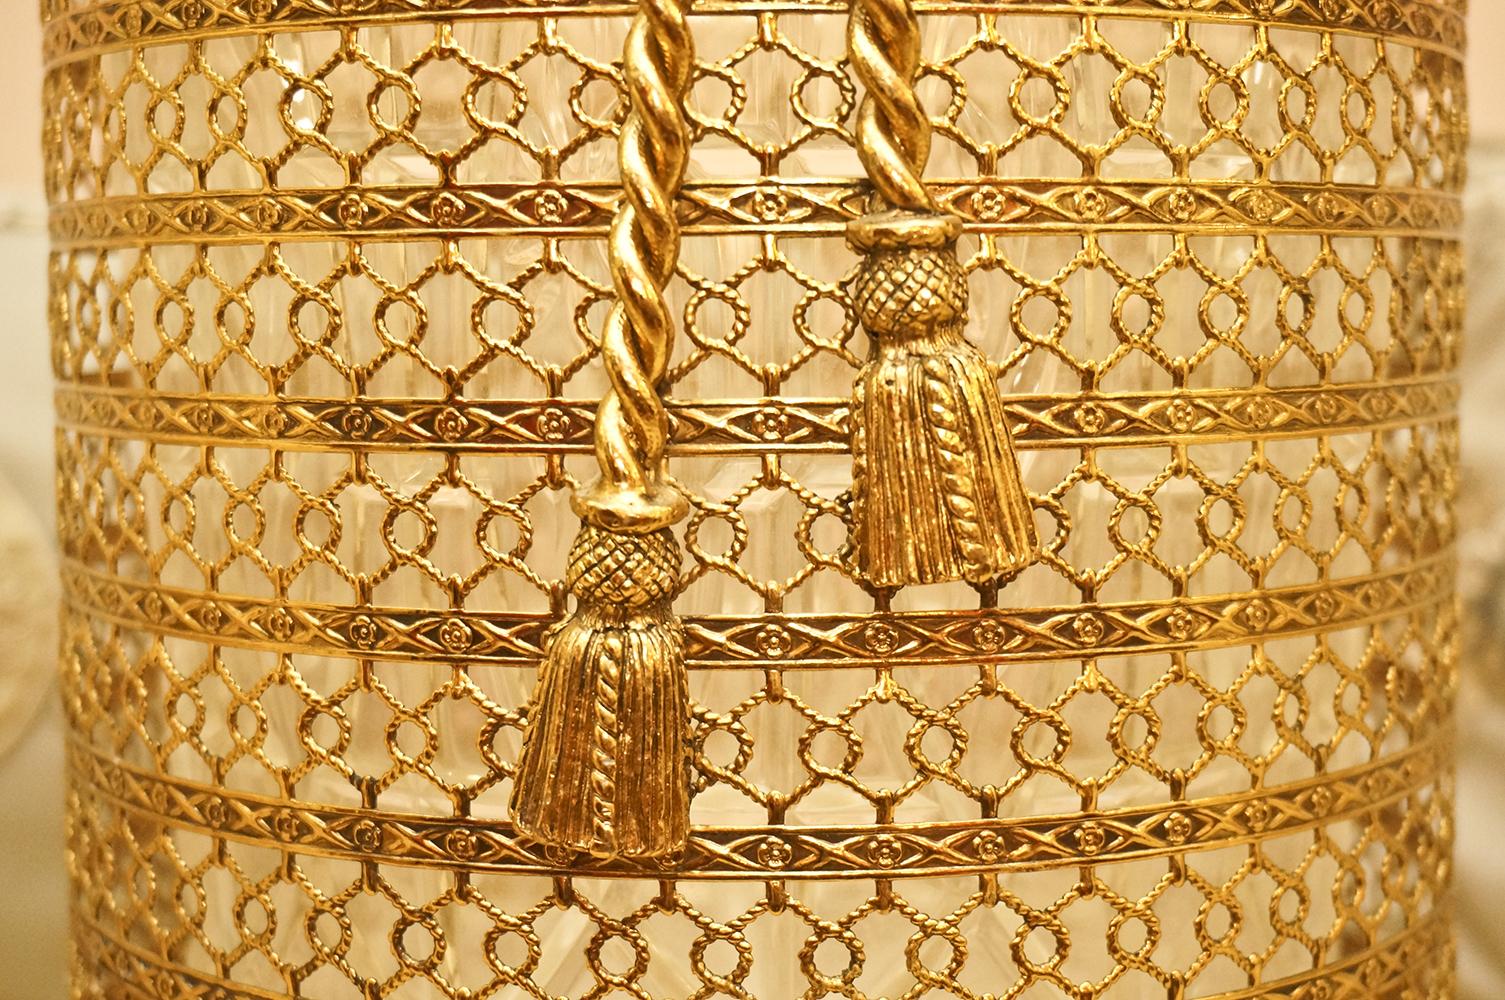 Sold: スタイルビルト ゴールド ロープ透かし ゴミ箱 拡大